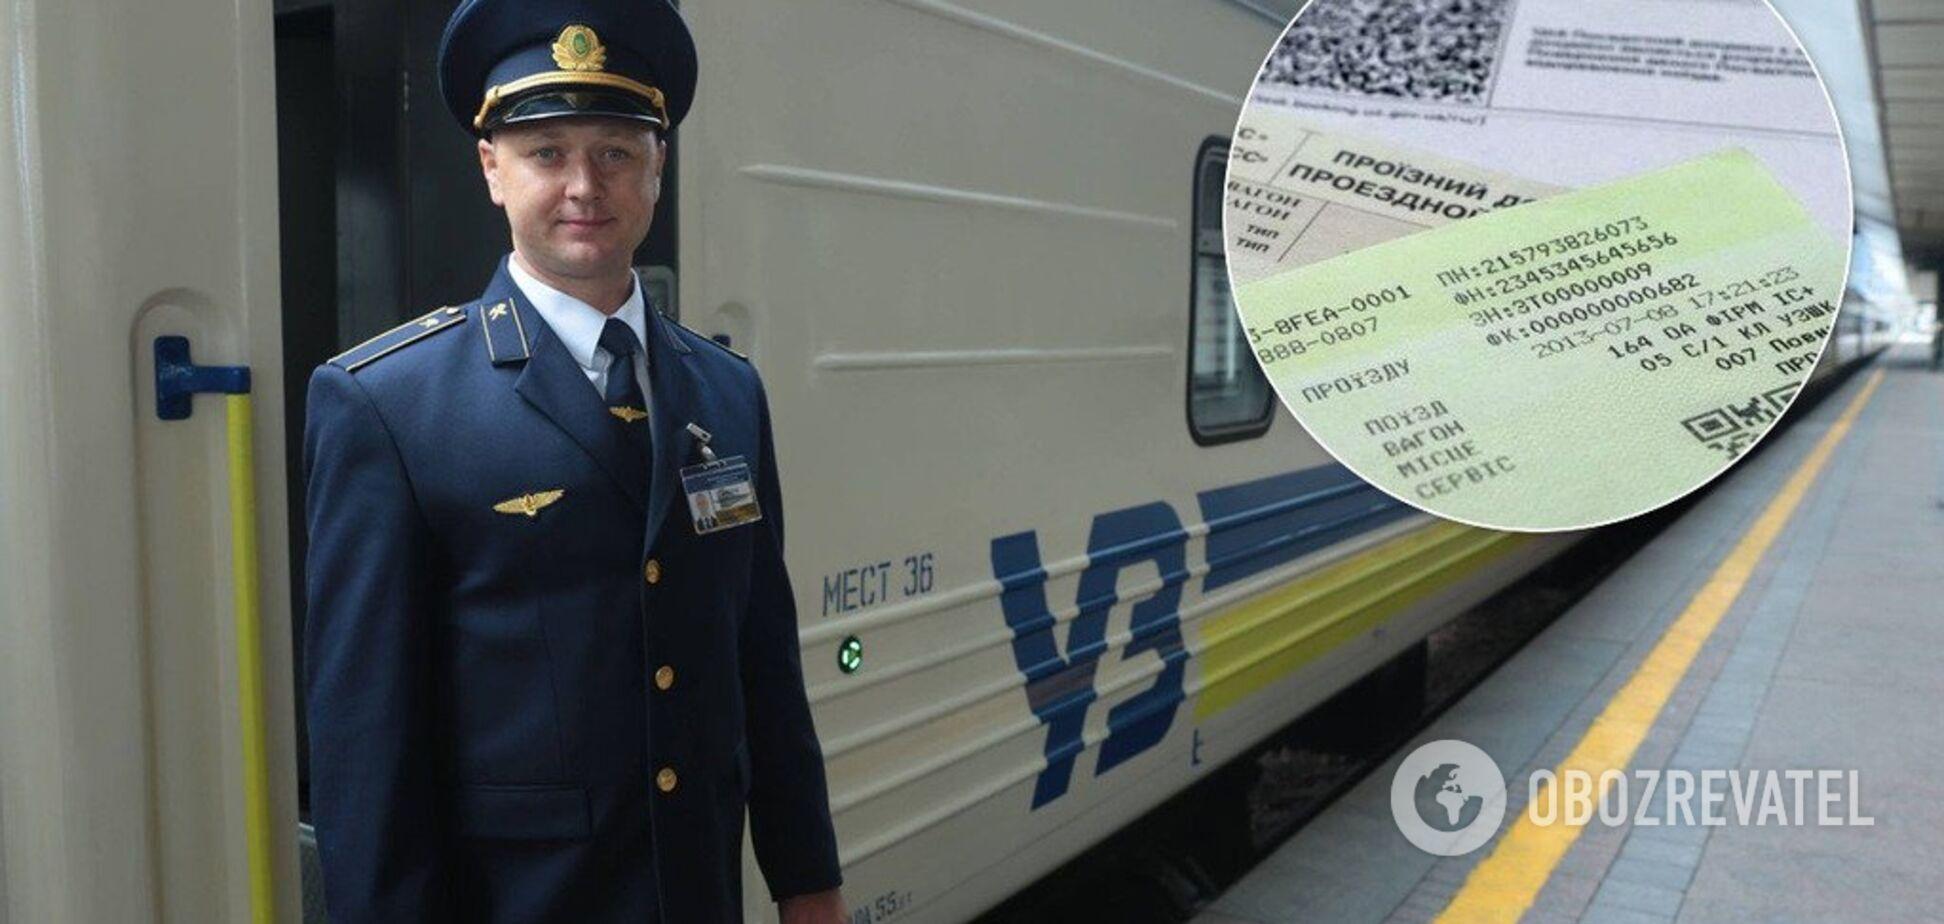 Цены, как на самолет: в 'Укрзалізниці' придумали, как продавать билеты дешевле